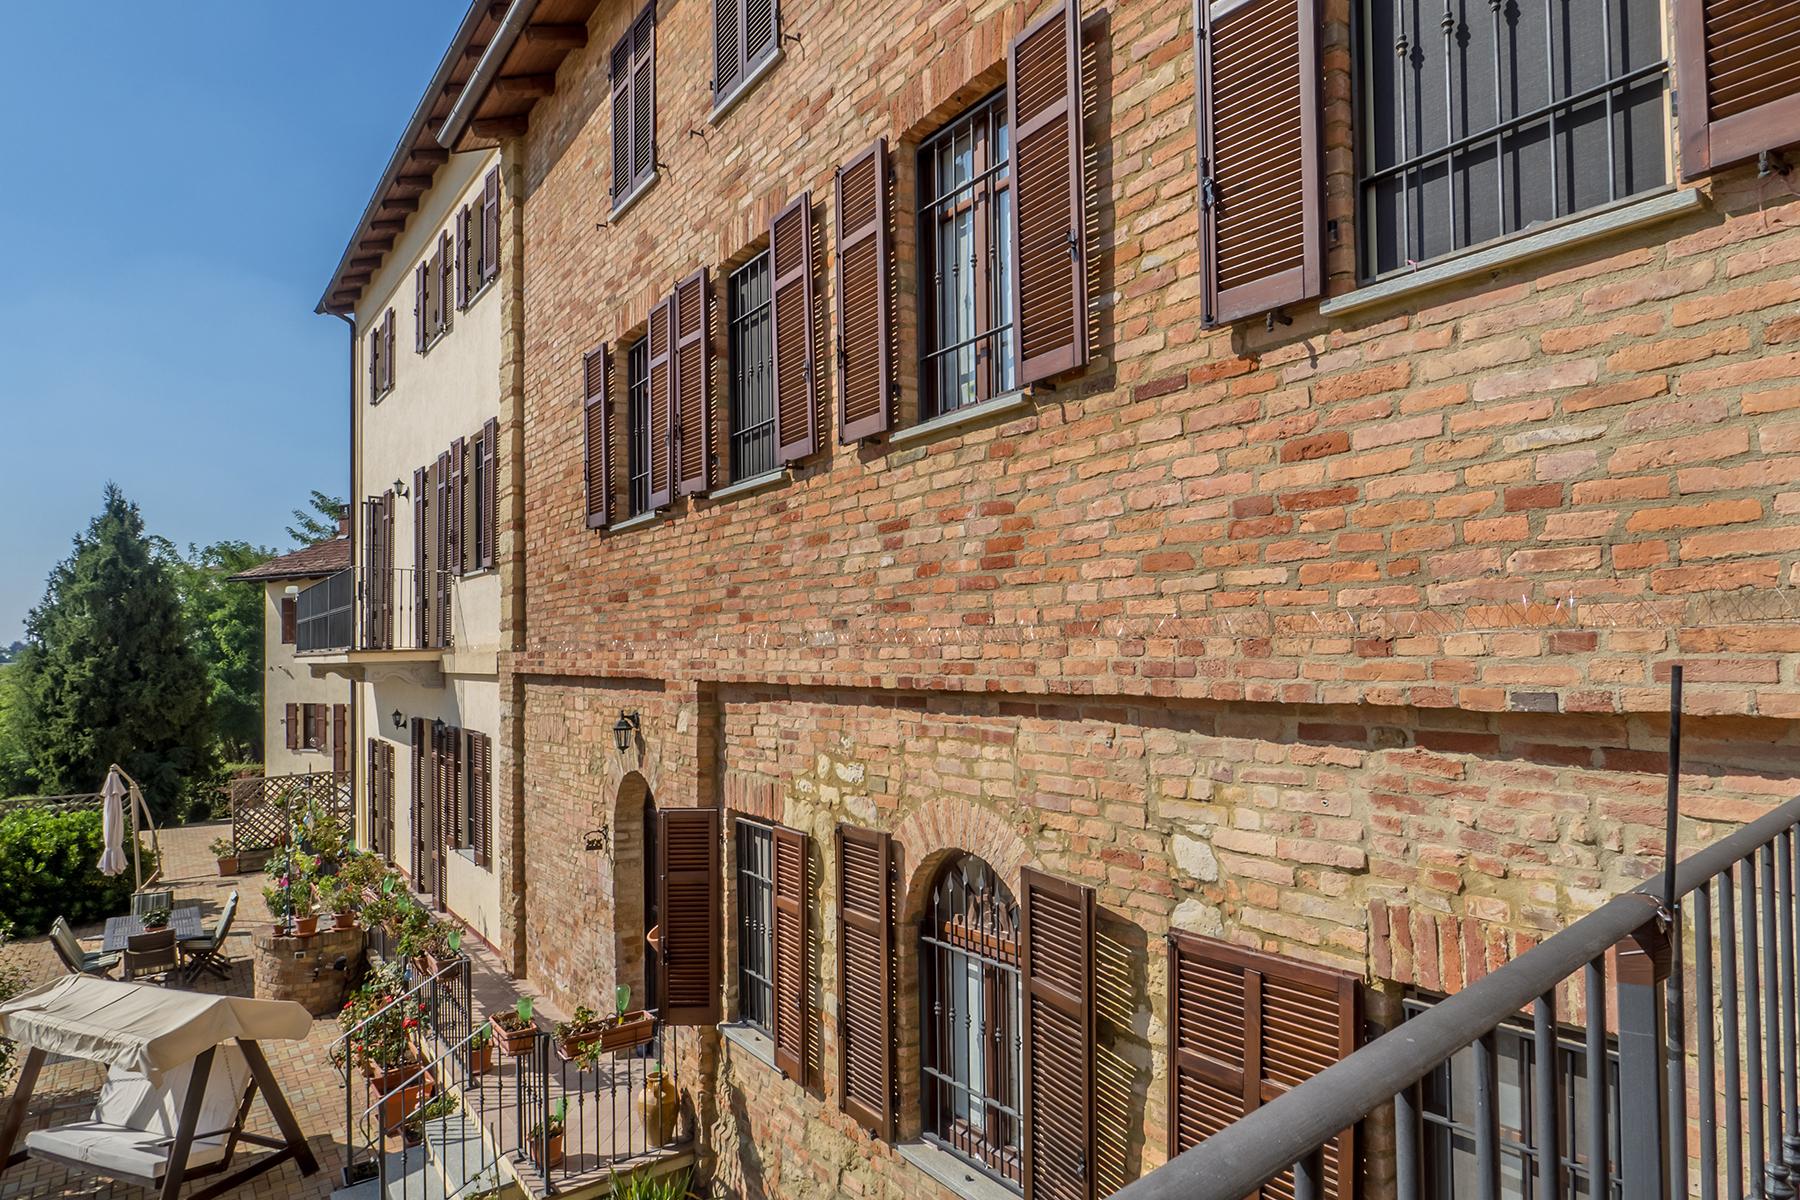 Rustico in Vendita a Casorzo: 5 locali, 1350 mq - Foto 17